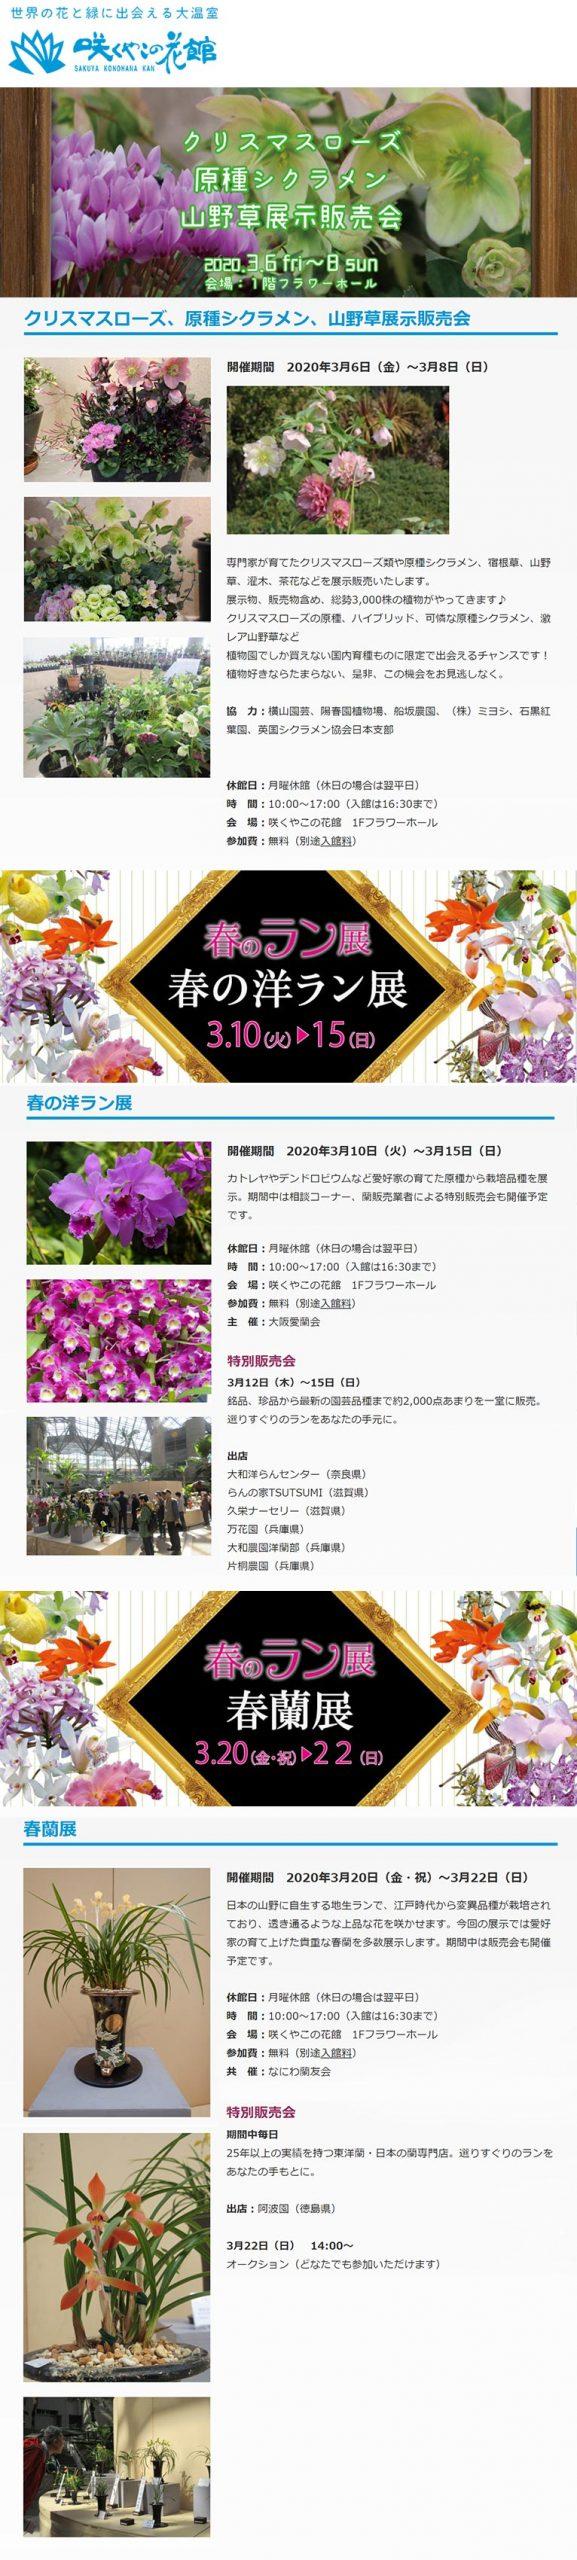 2020年3月6~8日クリスマスローズ、原種シクラメン、山野草展示販売会 3月10~15日春の洋ラン展 3月20~22日春蘭展 咲くやこの花館